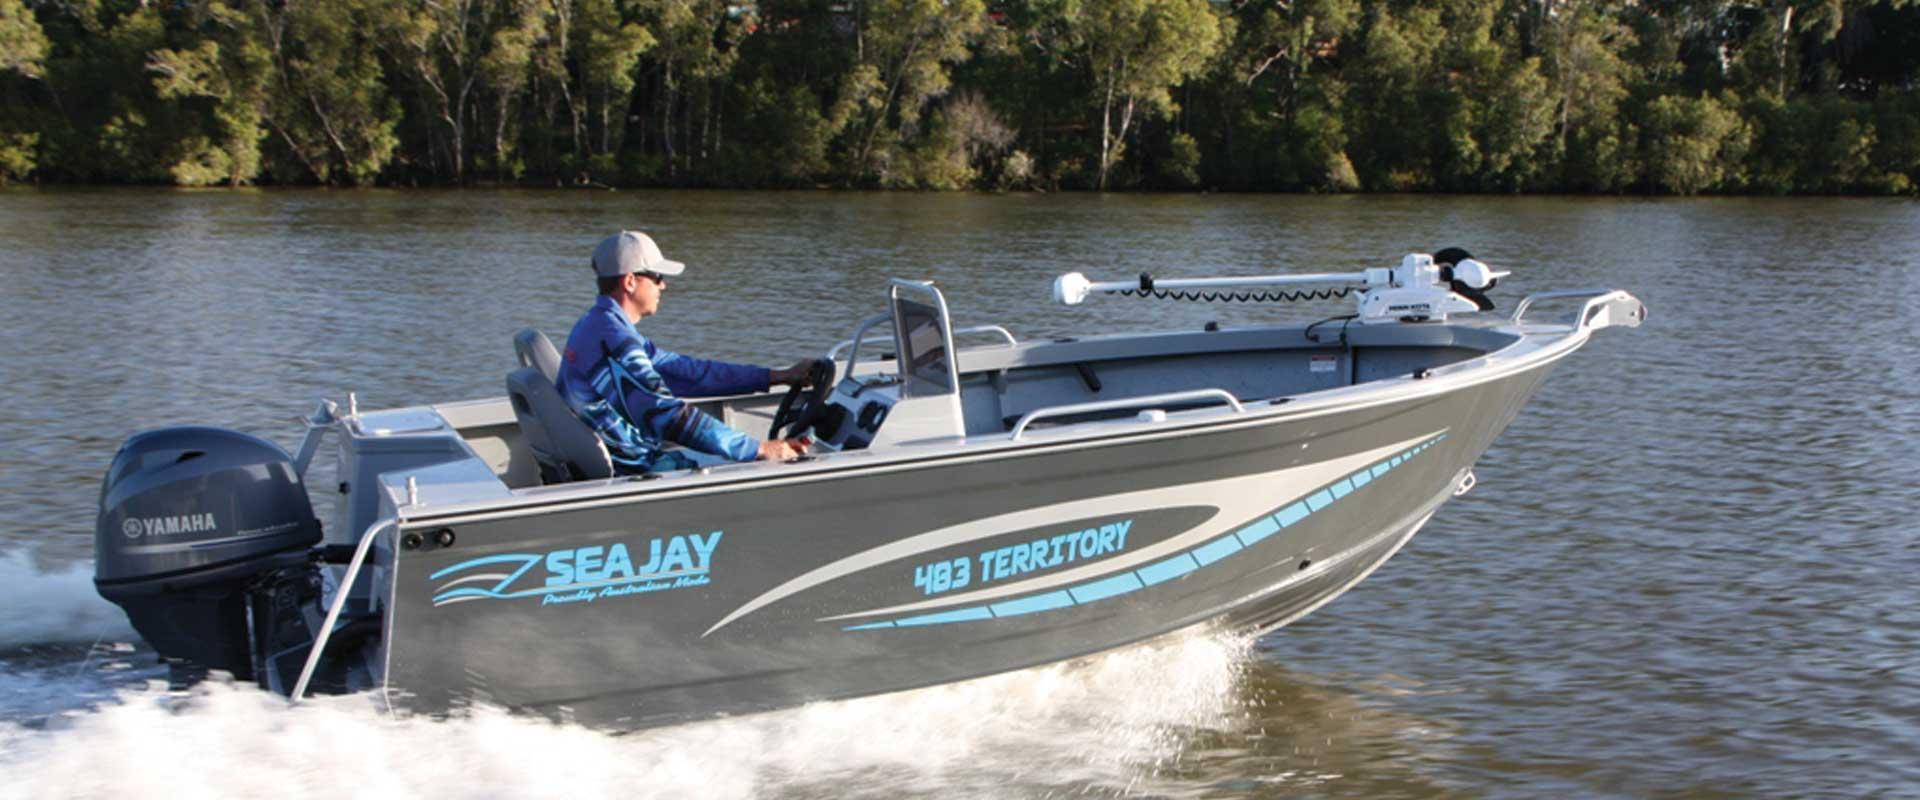 Sea Jay Territory 483